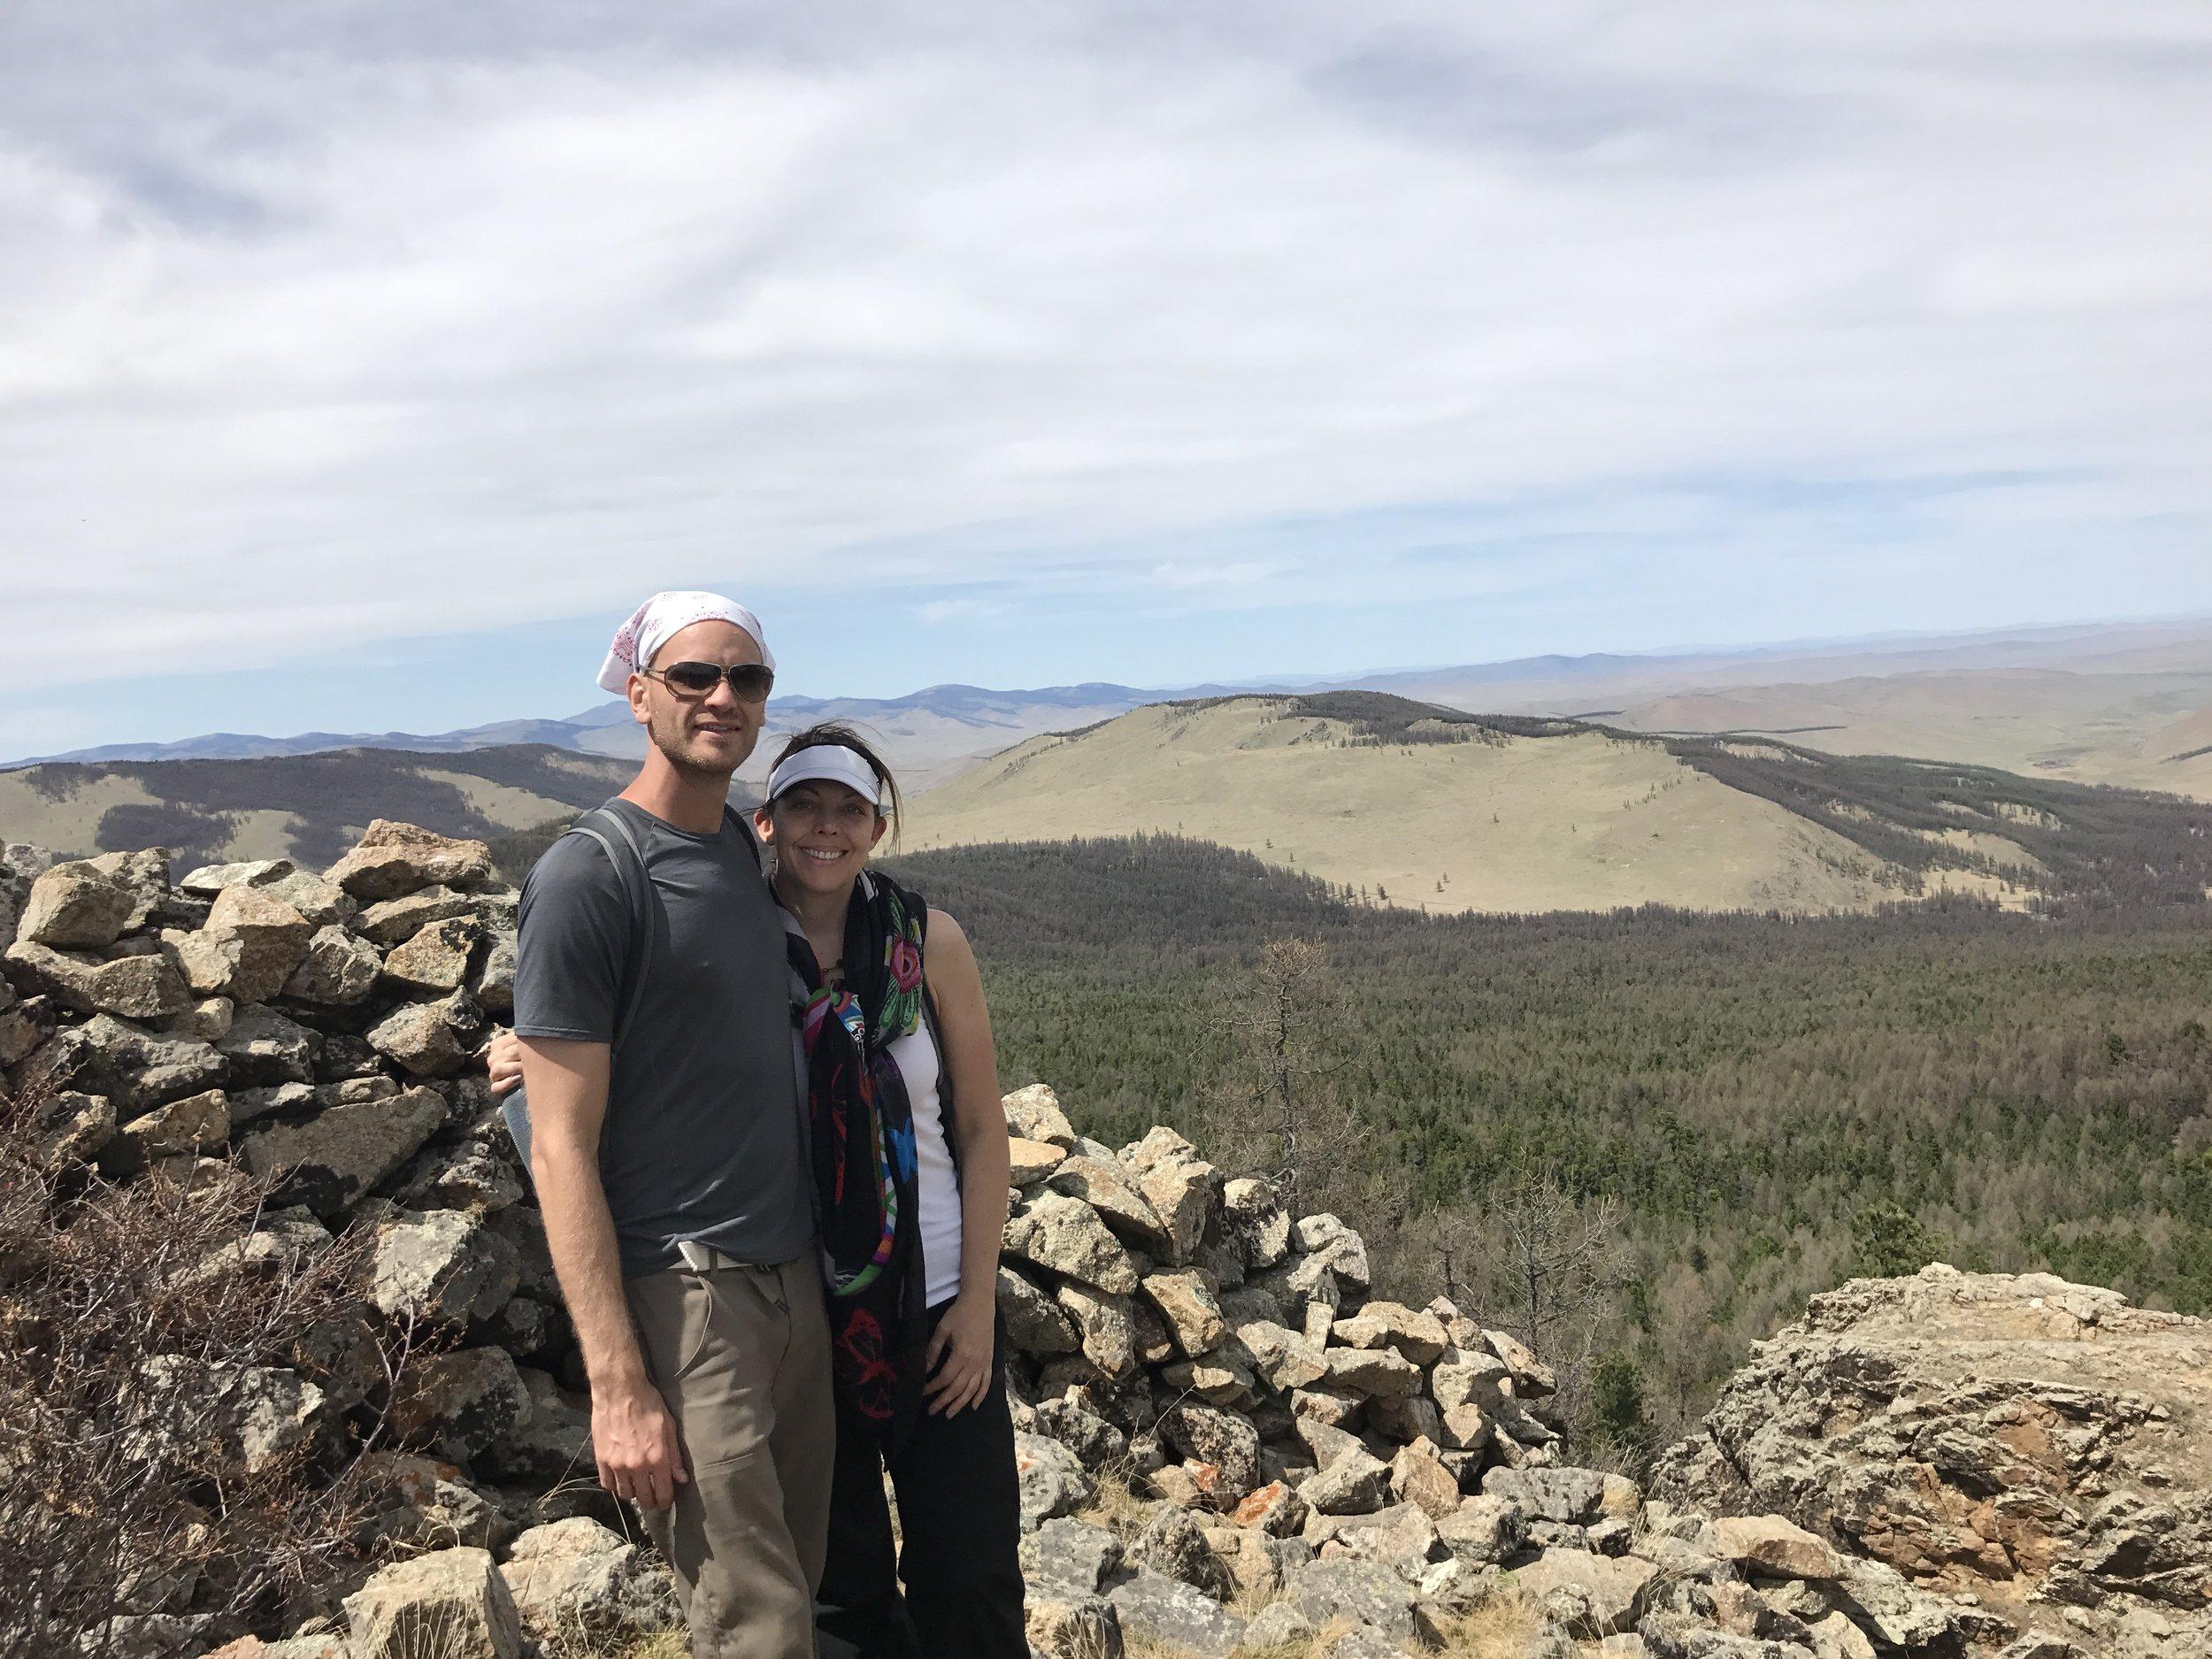 Feel like a hike up to a mountain top monastery?